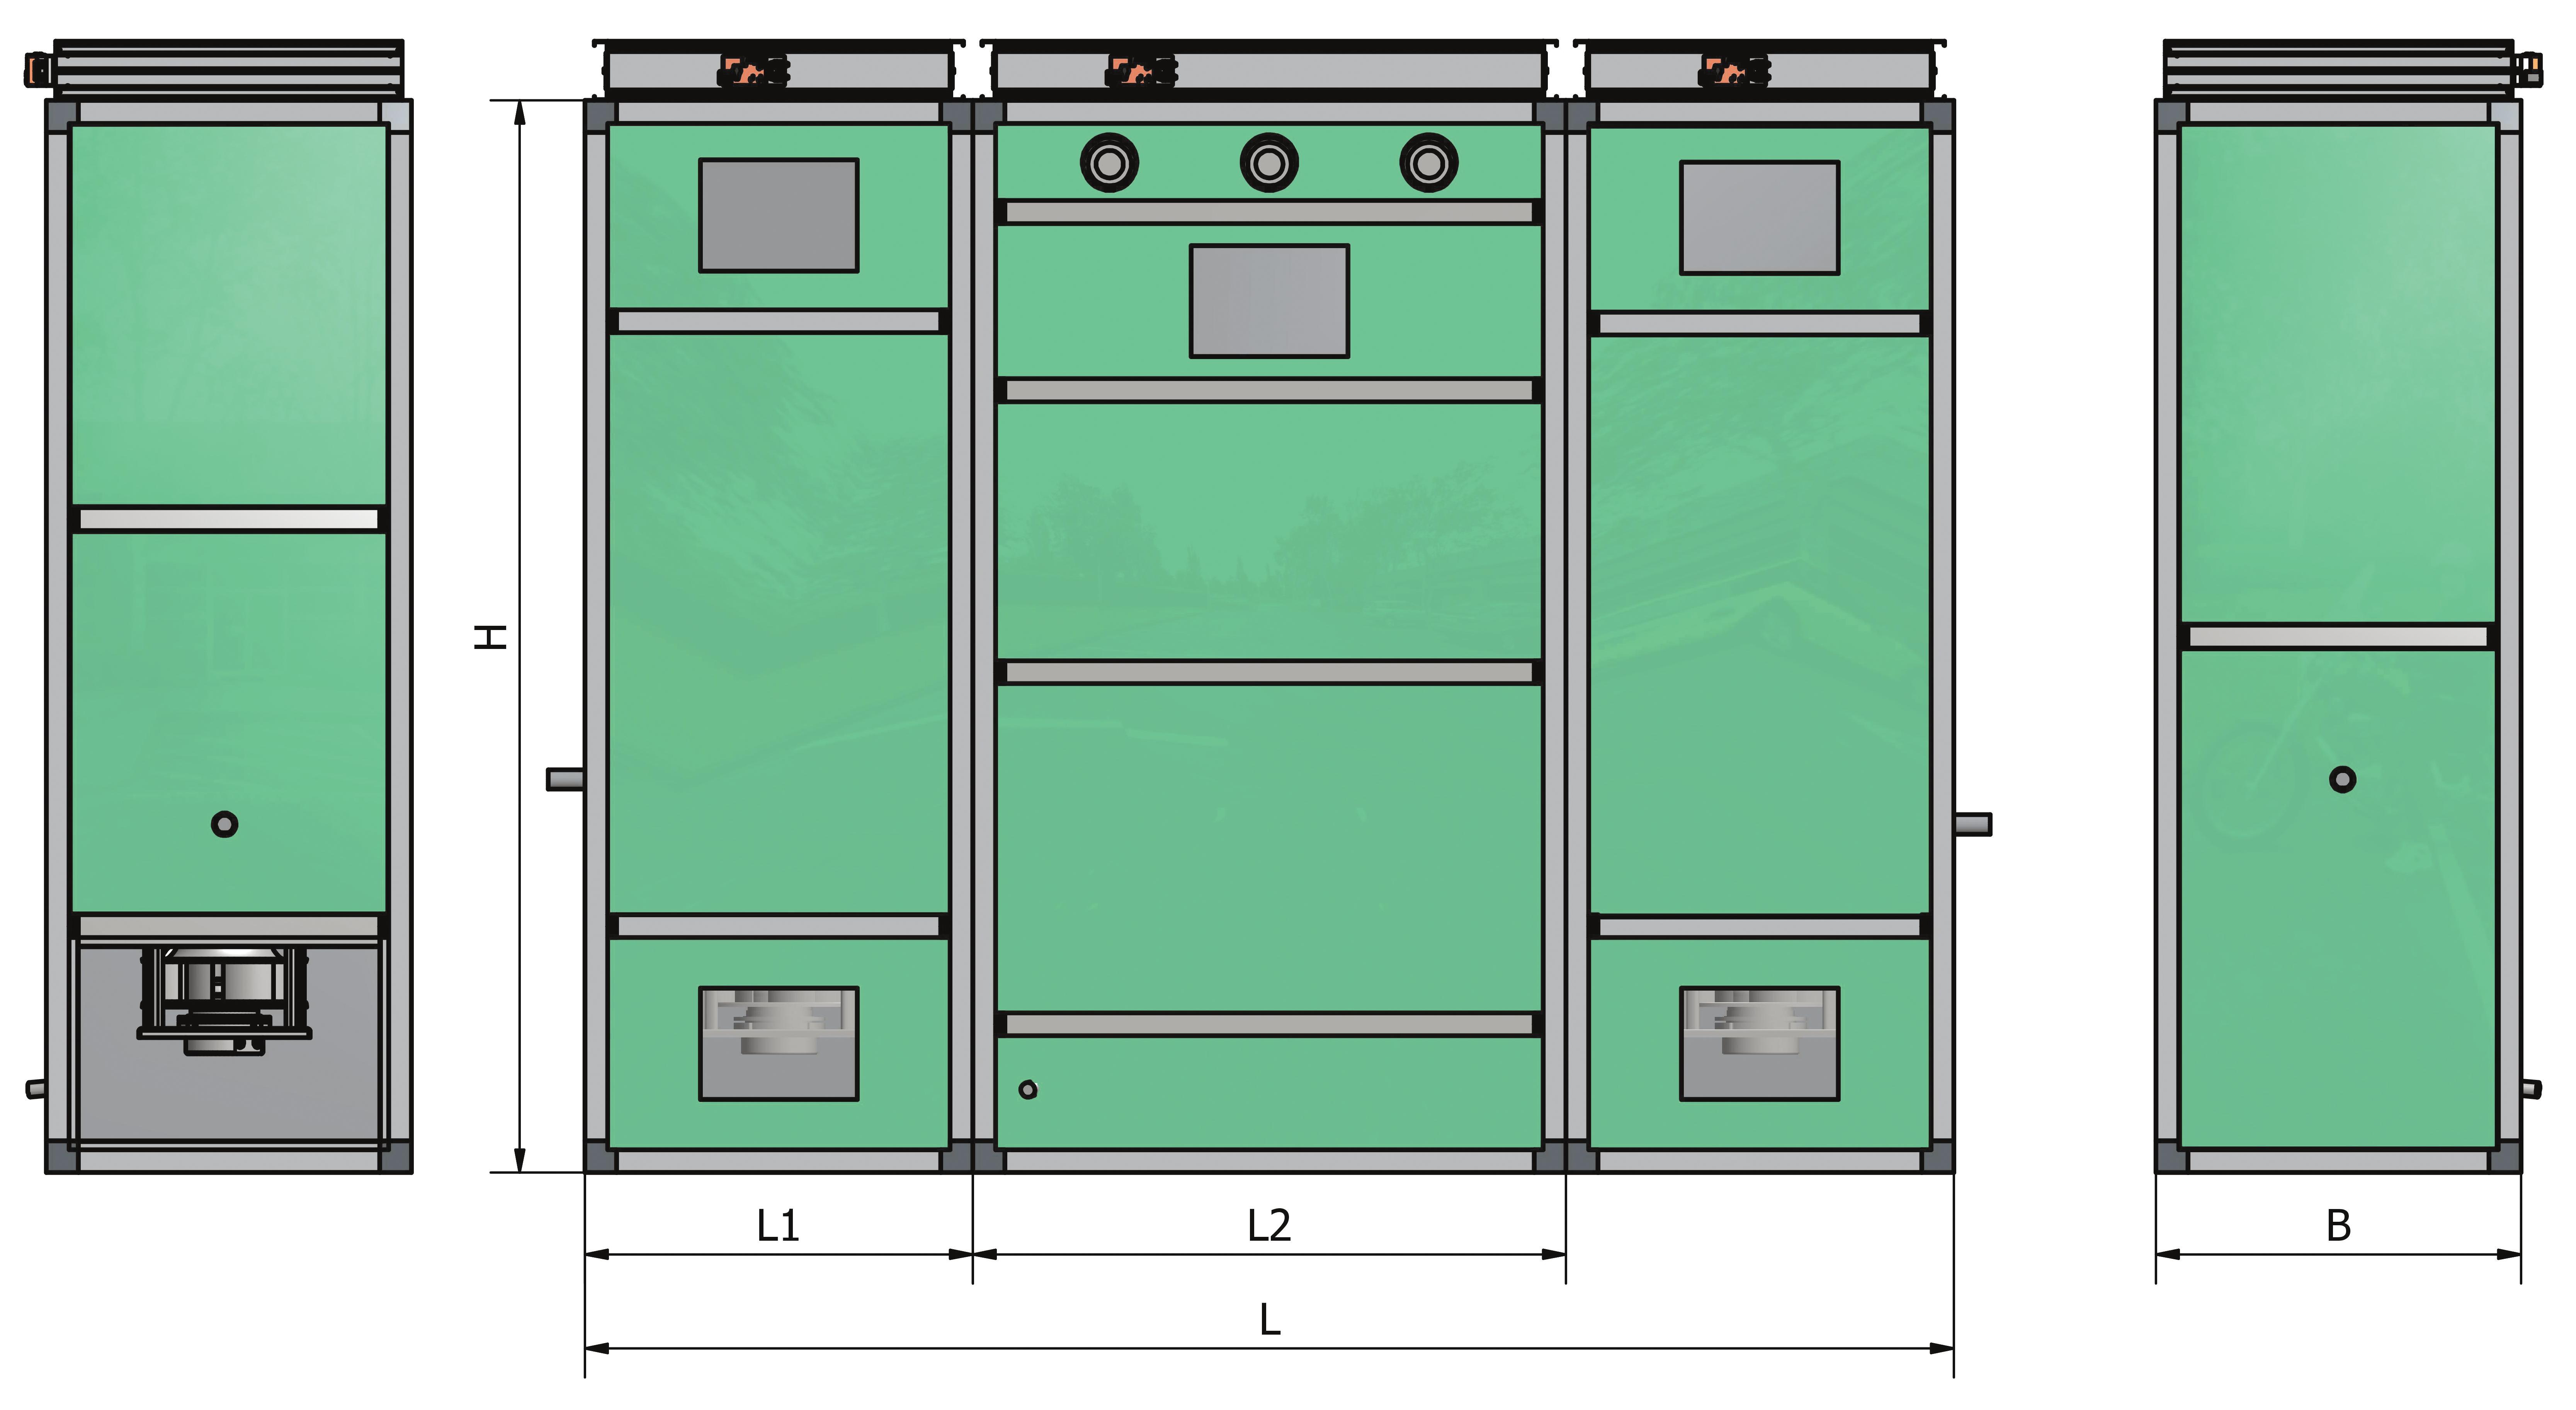 szafy klimatyzacji precyzyjnej